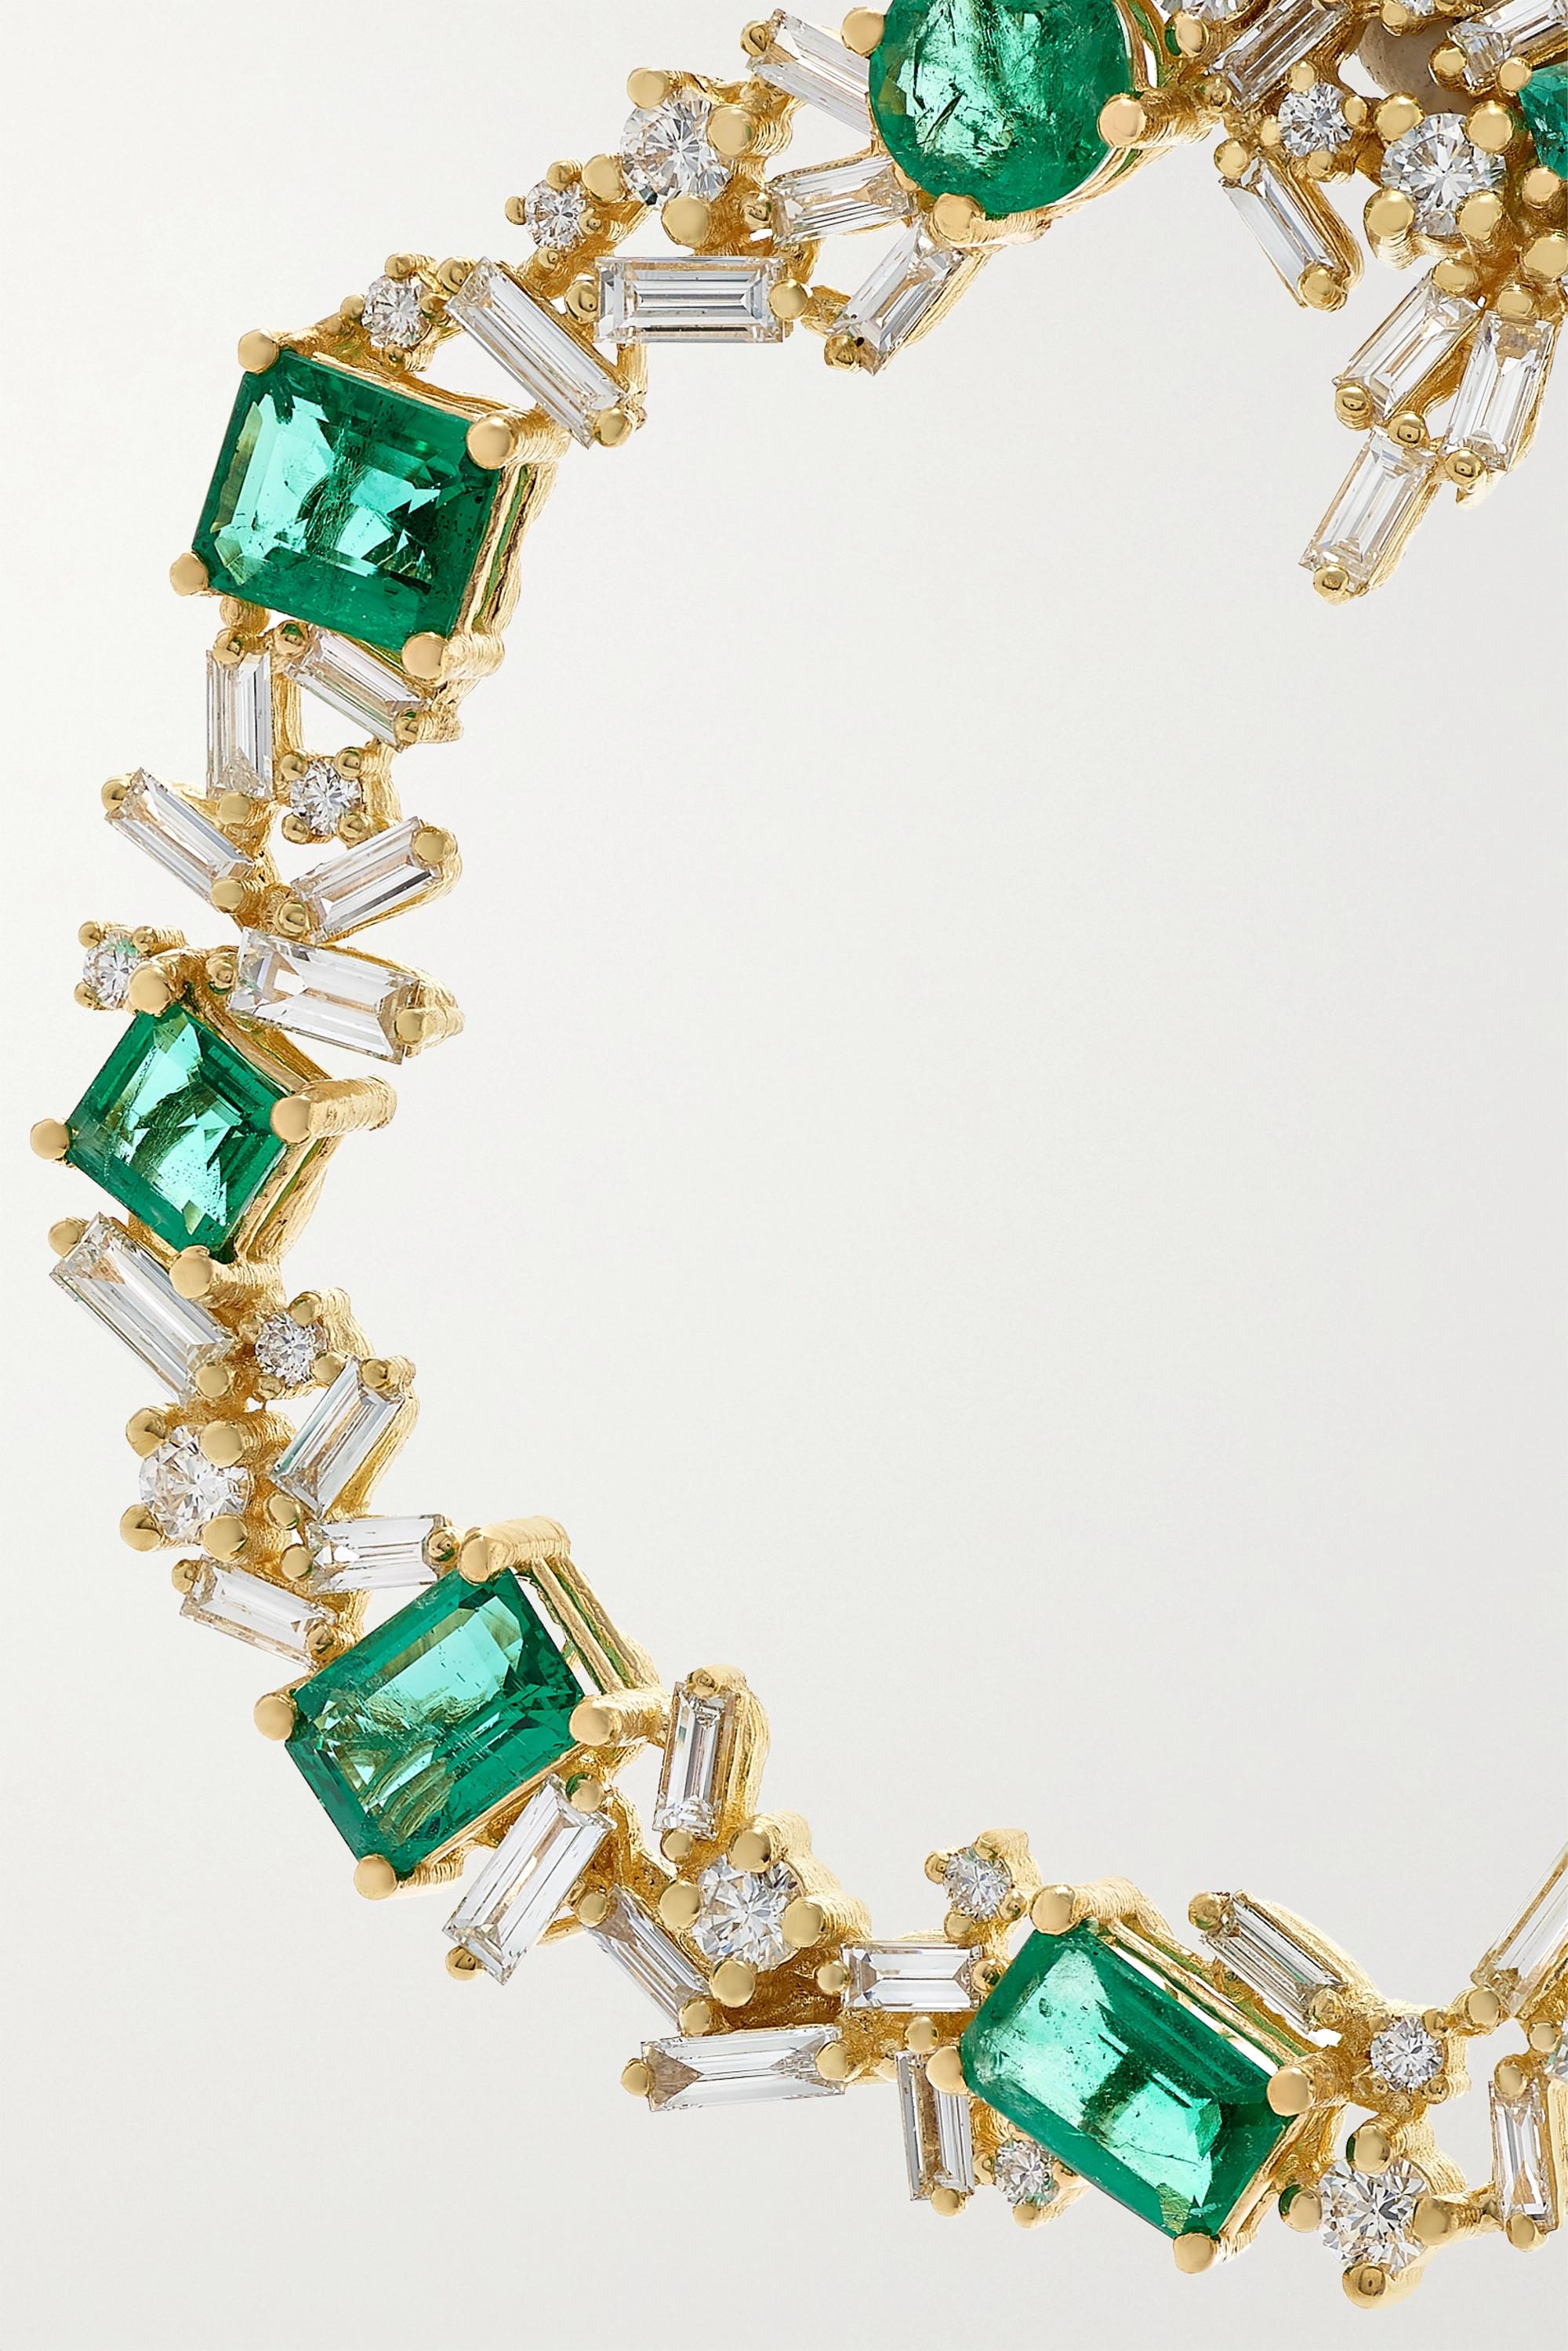 Suzanne Kalan Ohrringe aus 18Karat Gold mit Smaragden und Diamanten